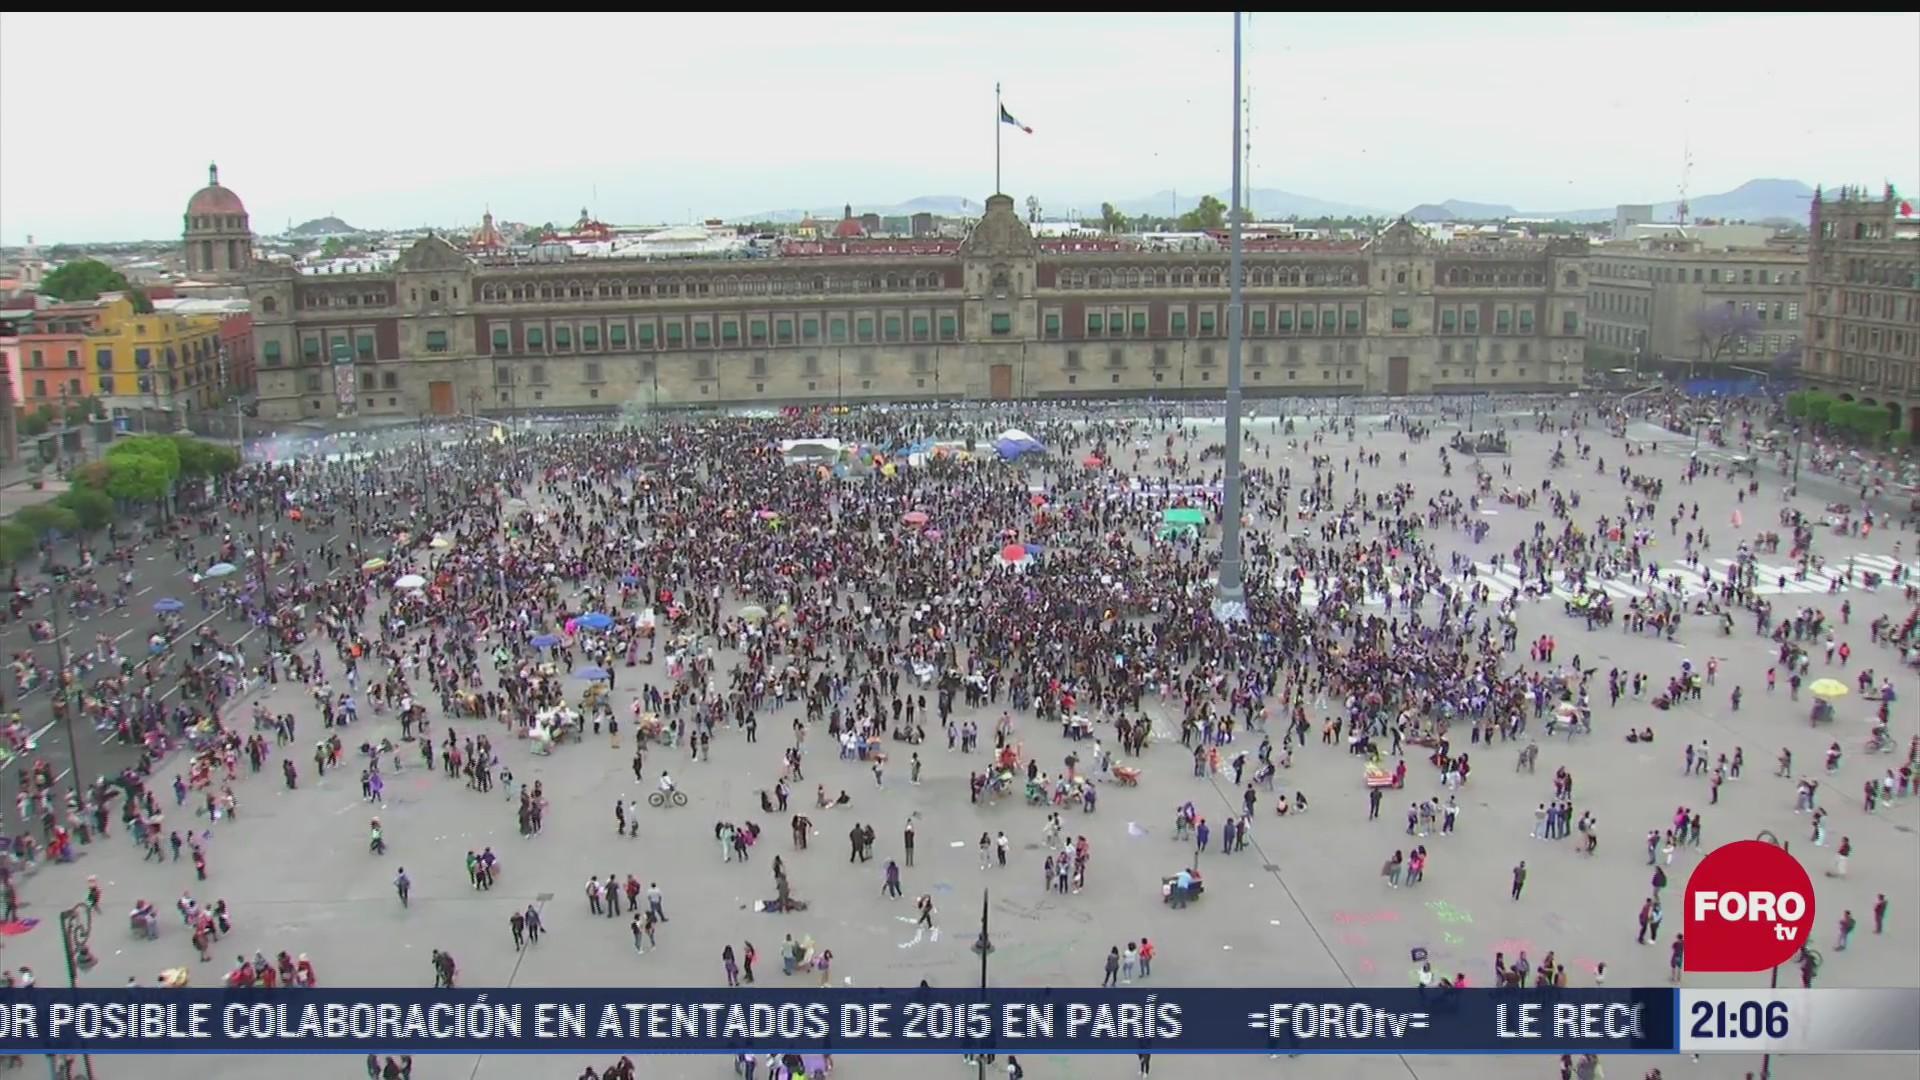 colocan dispositivos anti drones en palacio nacional durante marcha 8m